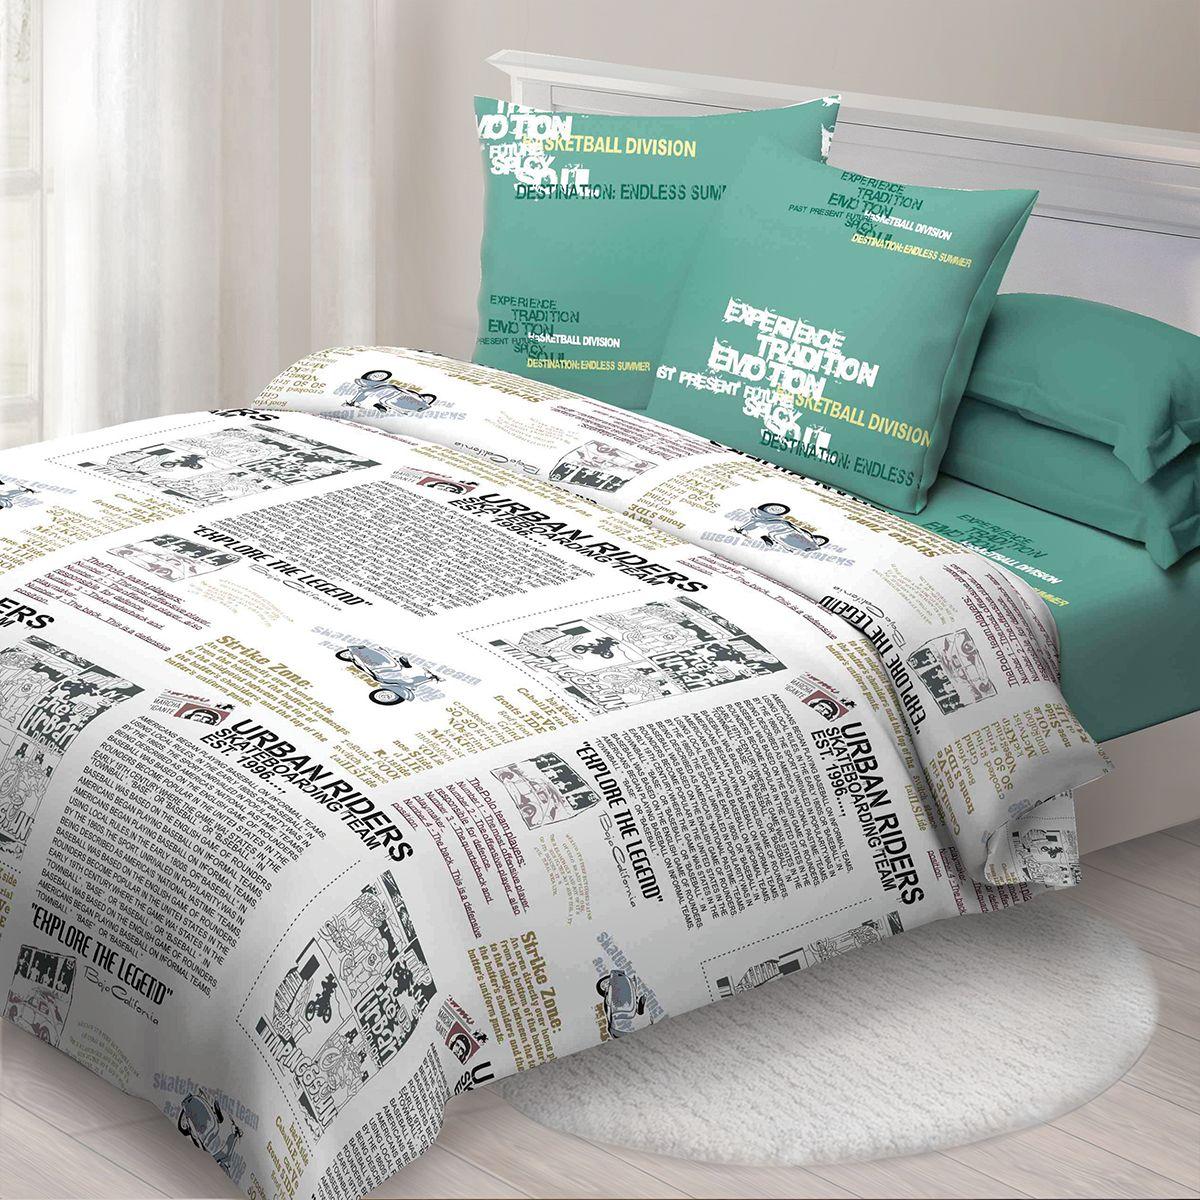 Комплект белья Спал Спалыч Новости, 1,5 спальное, наволочки 70x70, цвет: белый. 1629-182436